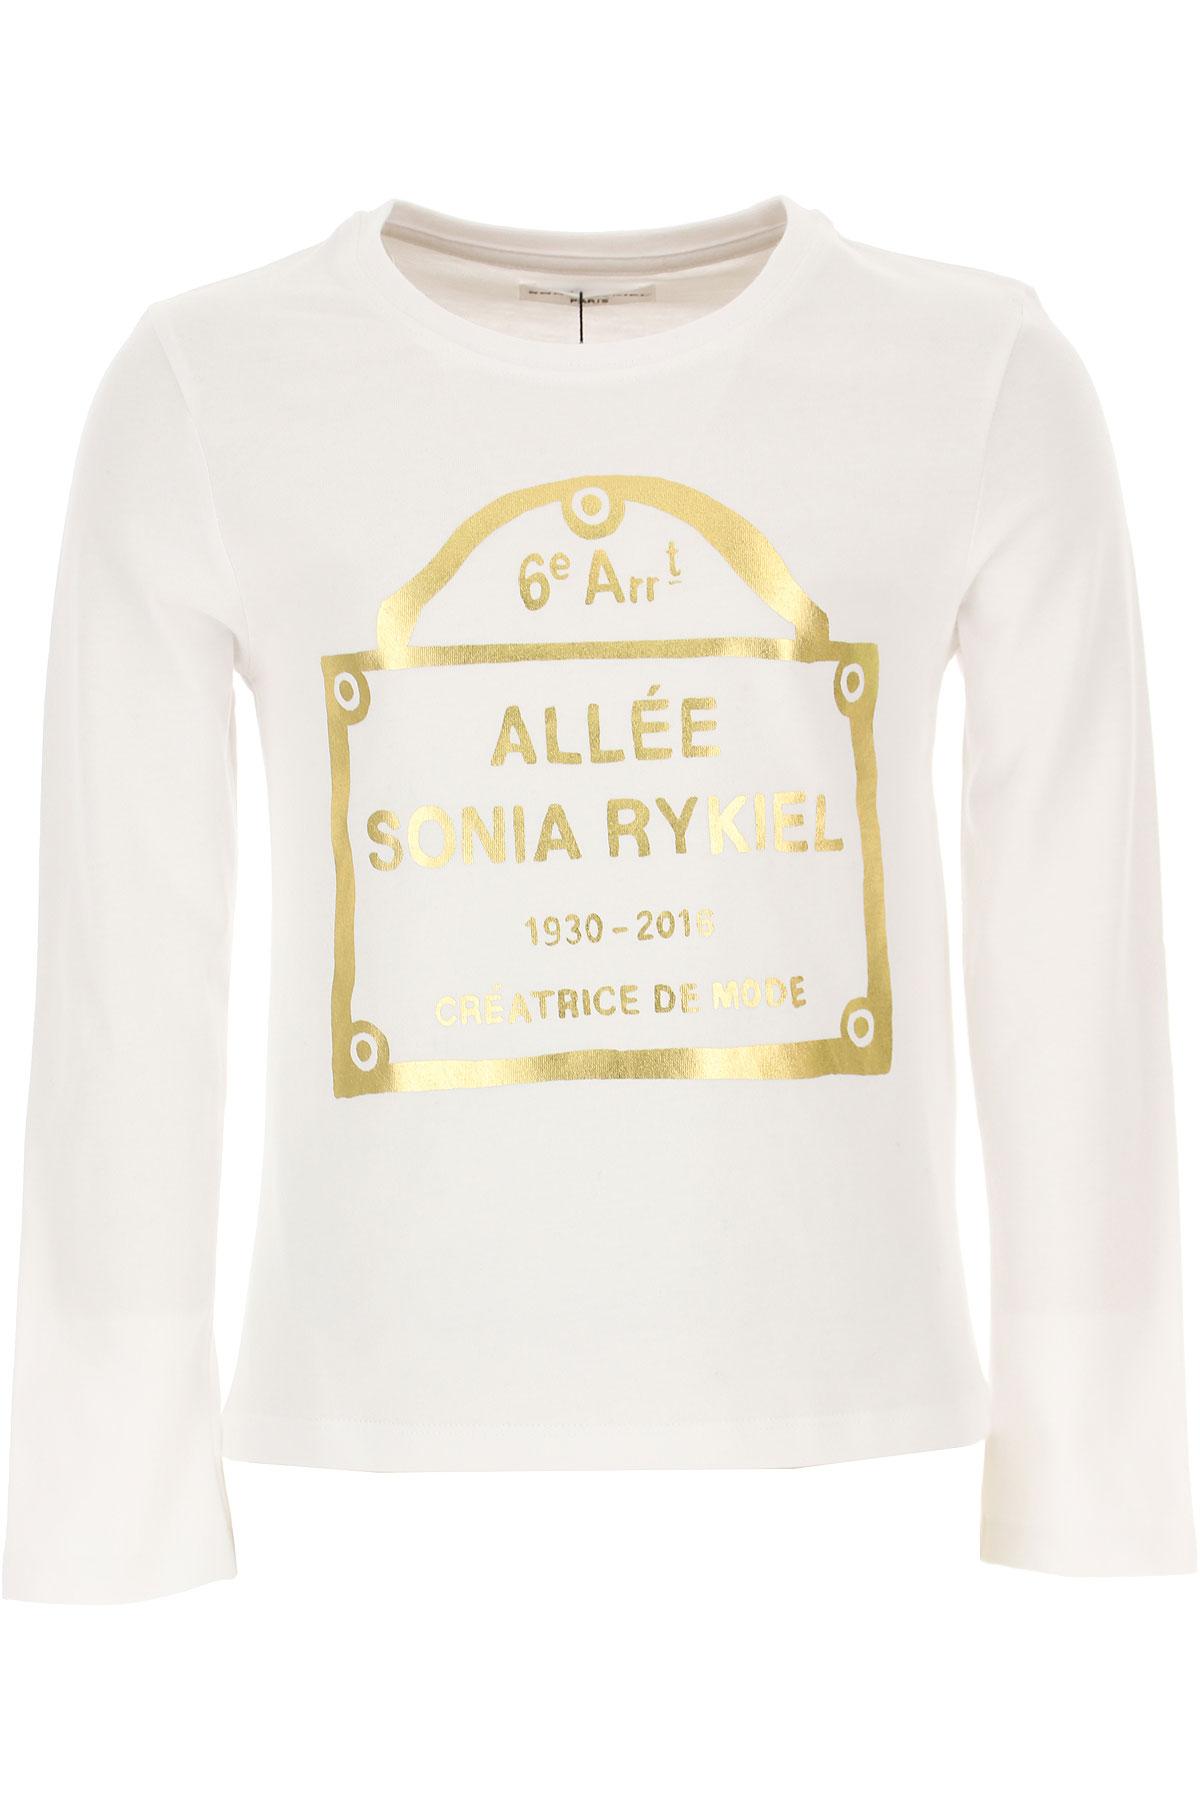 Sonia Rykiel Kids T-Shirt for Girls On Sale, White, Cotton, 2019, 10Y 14Y 6Y 8Y